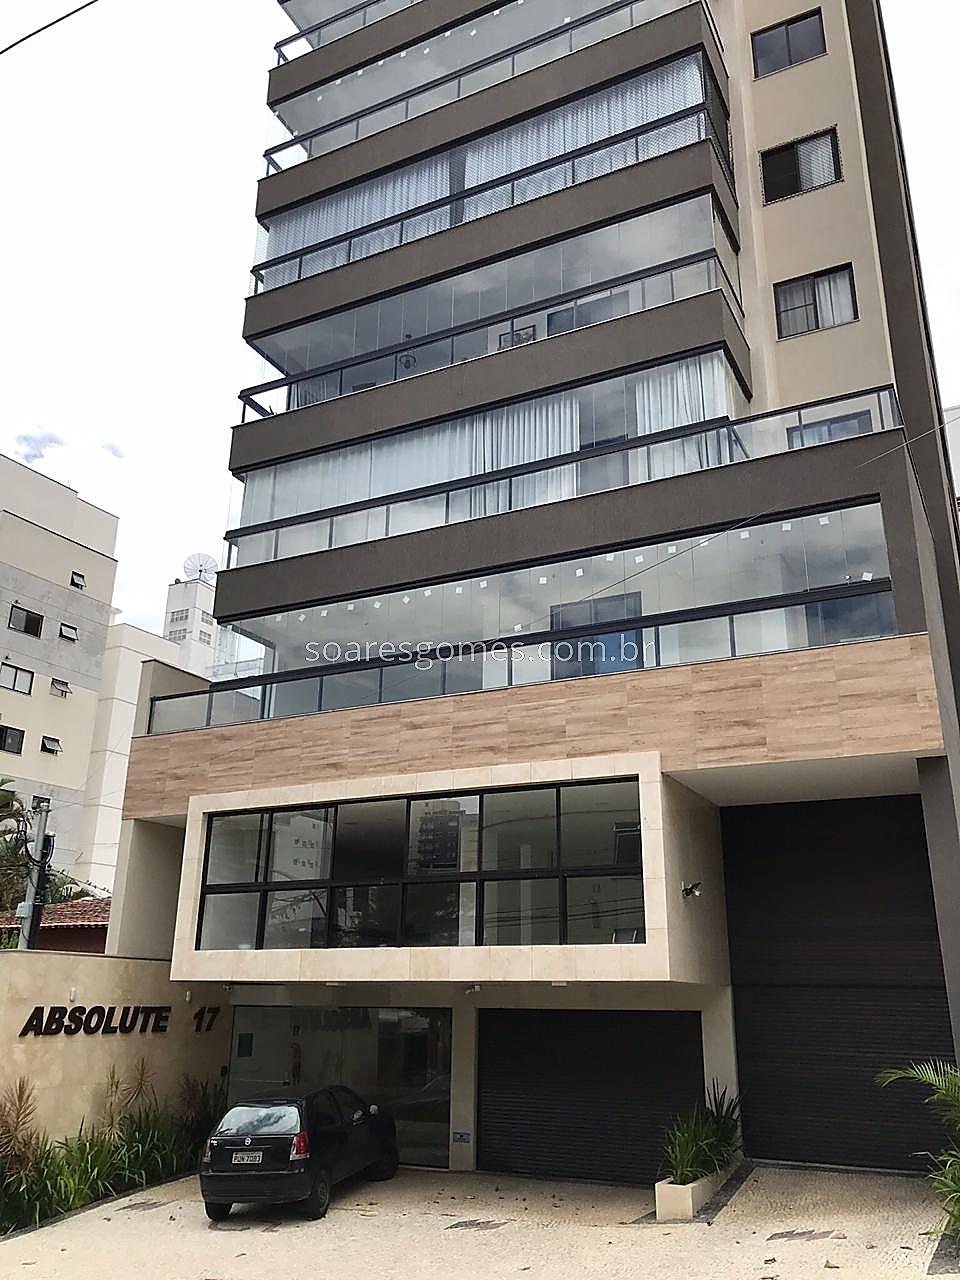 Apartamento à venda em Bom Pastor, Juiz de Fora - MG - Foto 1